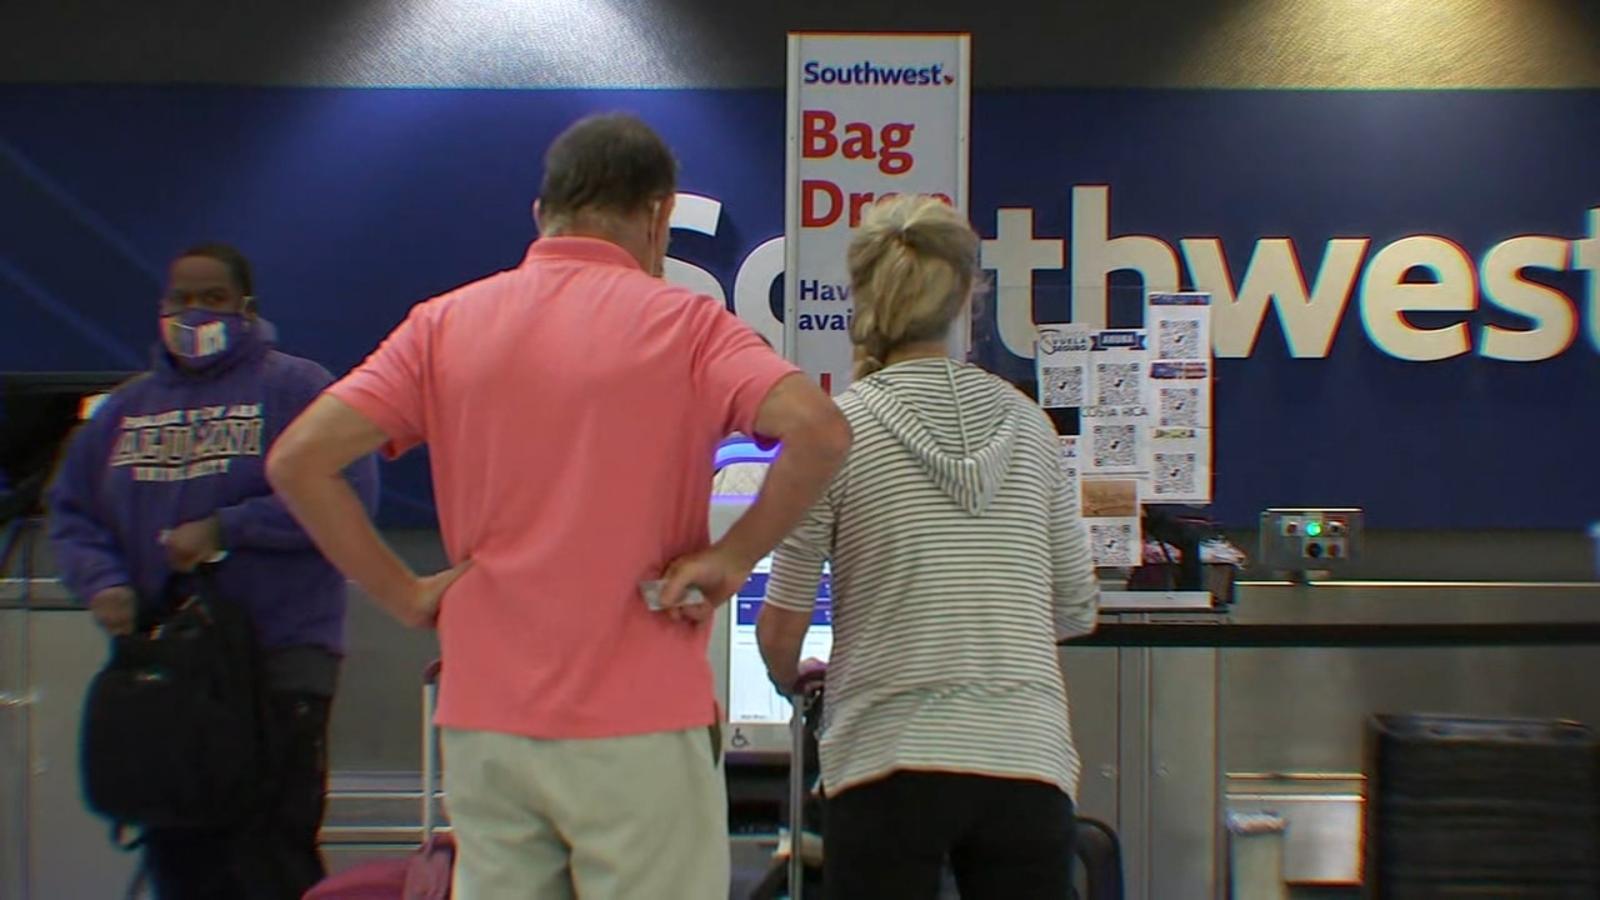 AVIO-KOMPANIJA SouthWest Airlines OTKAZUJE VIŠE OD 1.800 LETOVA U ZADNJA DVA DANA, IZBJEGAVAJUĆI DA NAVEDU PRAVI RAZLOG!